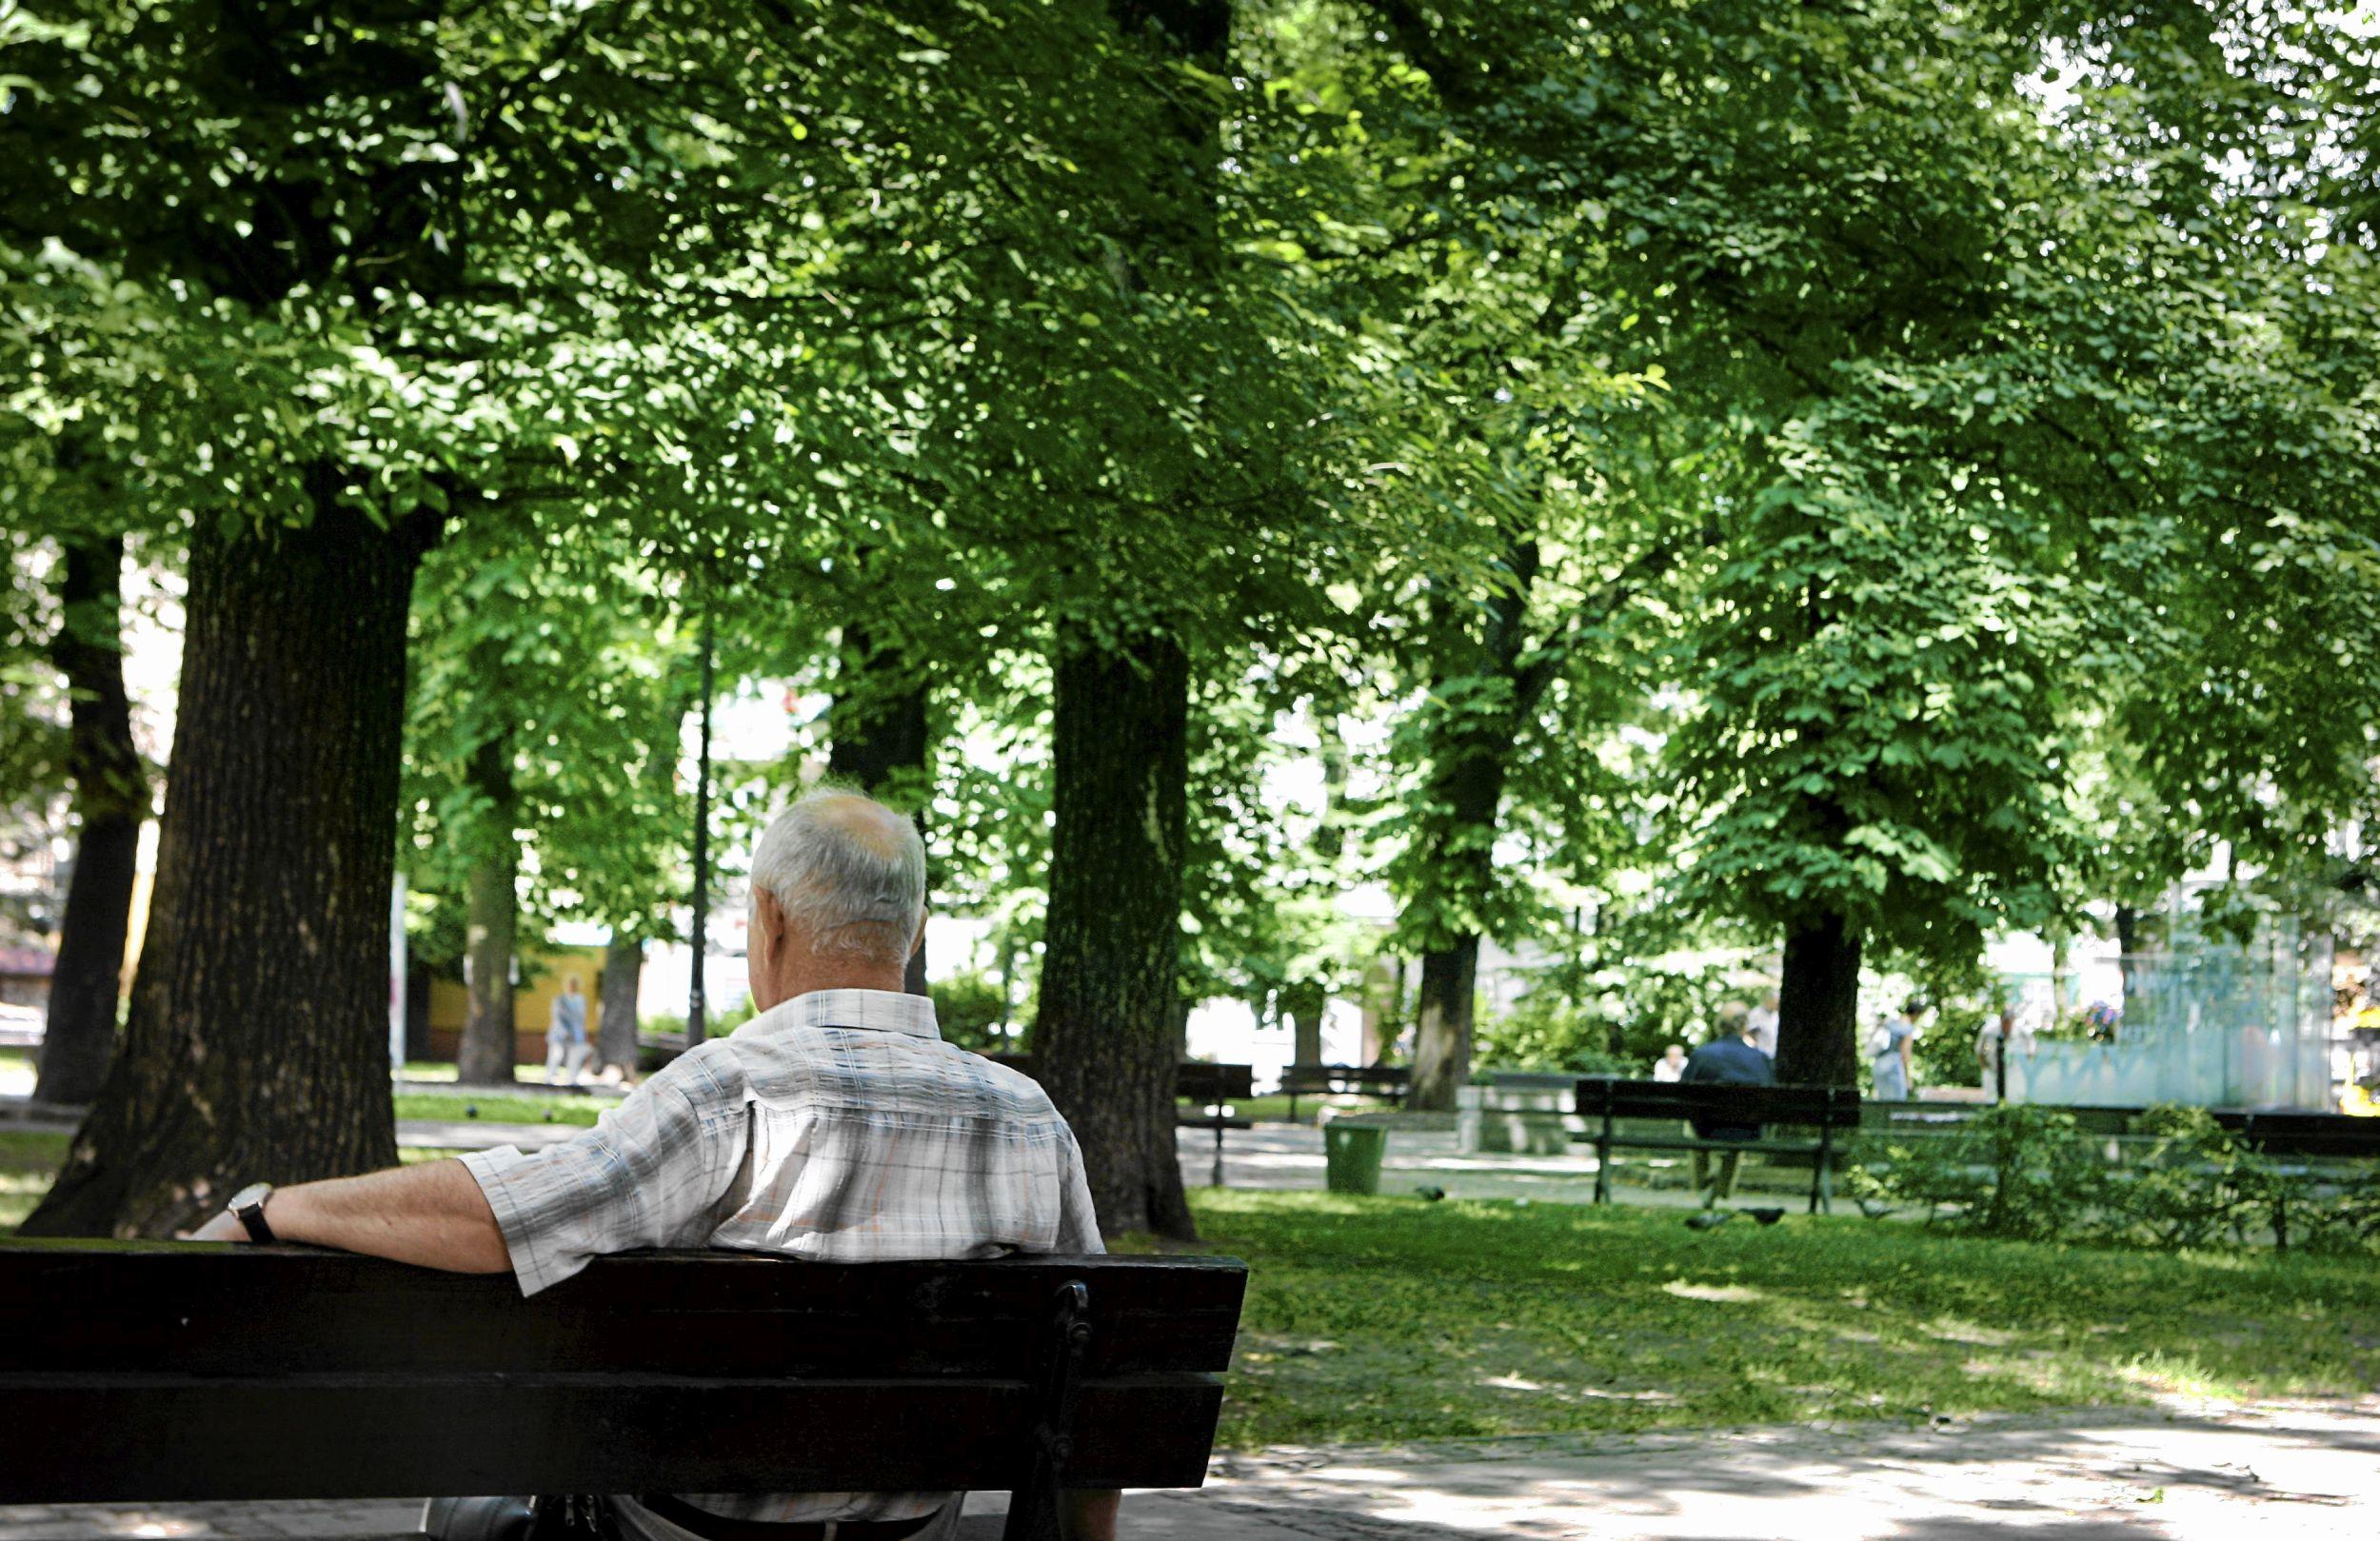 Dzisiejsi 30-latkowie na emeryturze będą najprawdopodobniej pobierać świadczenia o 2/3 mniejsze niż zarabiana wcześniej kwota (fot. Grzegorz Celejewski / Agencja Gazeta)